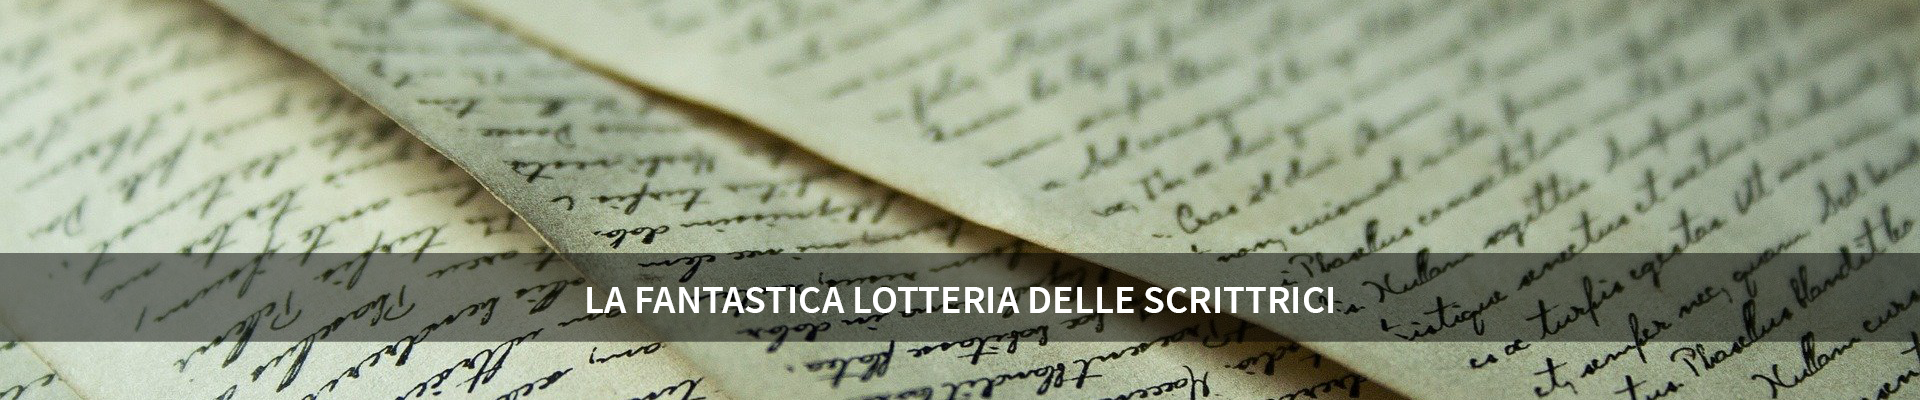 La fantastica lotteria delle scrittrici -